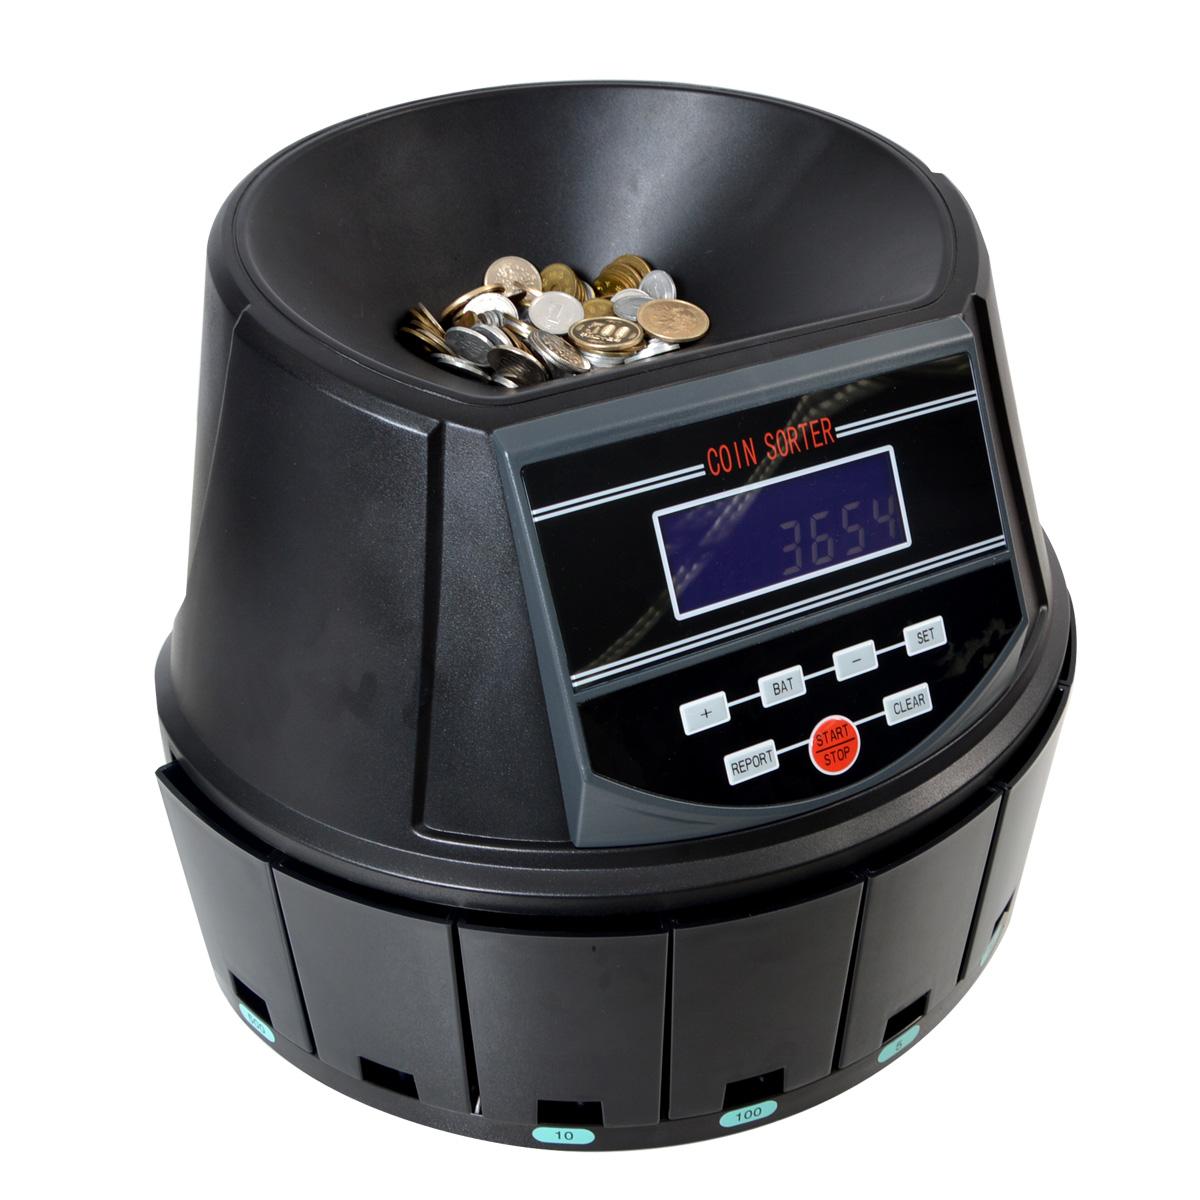 【送料無料】小銭の計算はお任せください!電動オートコインカウンター[CNCT82BT]-サンコー 自動 硬貨計算機 硬貨カウンター 小銭